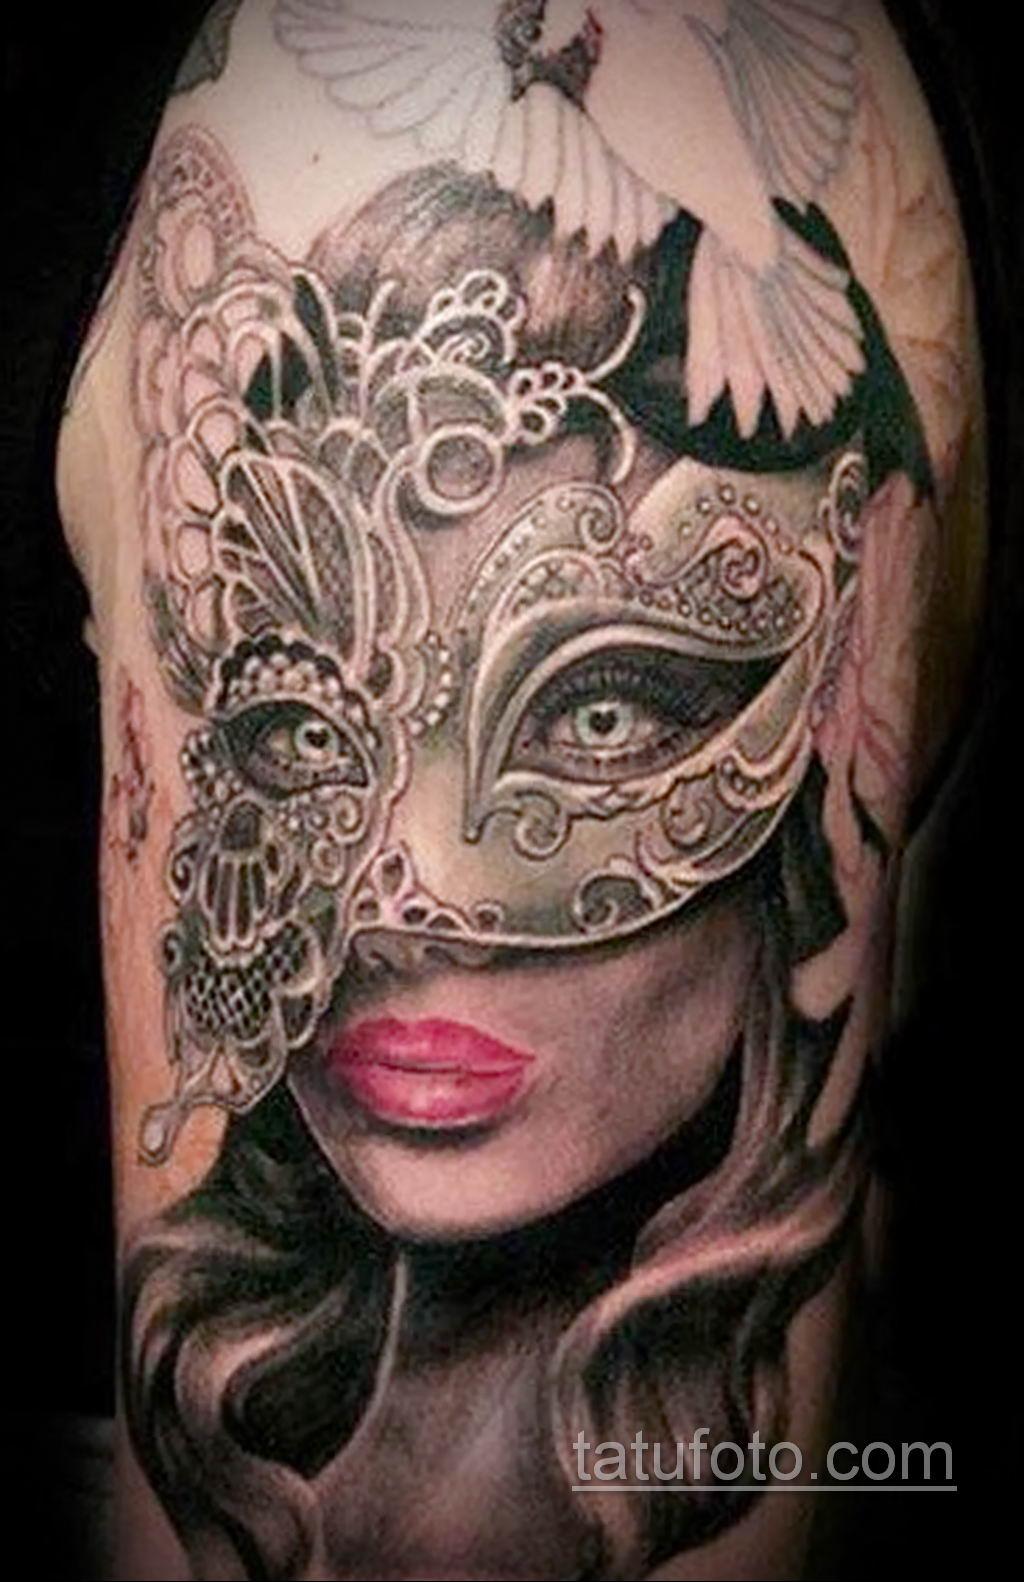 Фото тату театральные маски 09.09.2019 №059 - tattoo theater masks - tatufoto.com